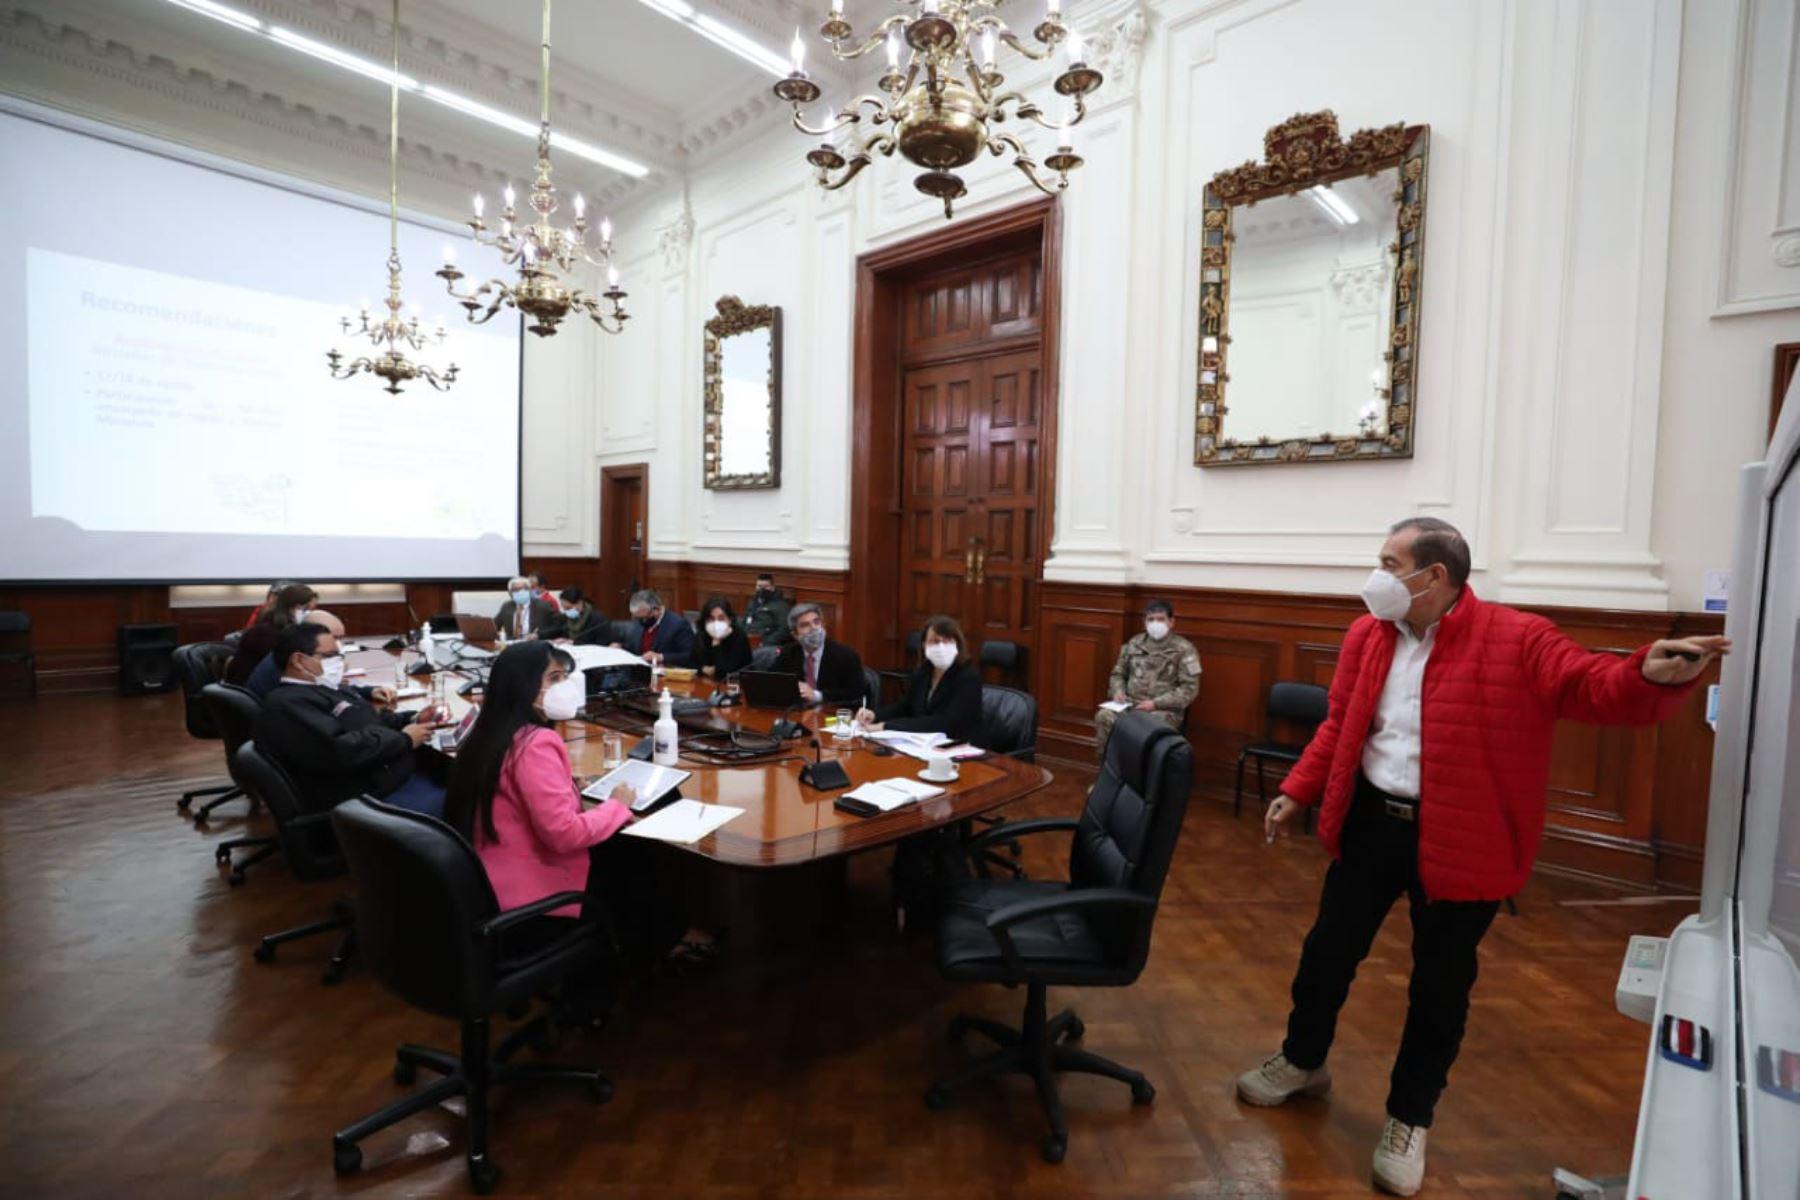 En la sesión liderada por el Presidente de Consejo de Ministros, Walter Martos se acordó planificar una serie de intervenciones que permitan atender las necesidades urgentes de la población indígena de Loreto, principalmente de aquella ubicada en el ámbito del Lote 95. Foto: PCM